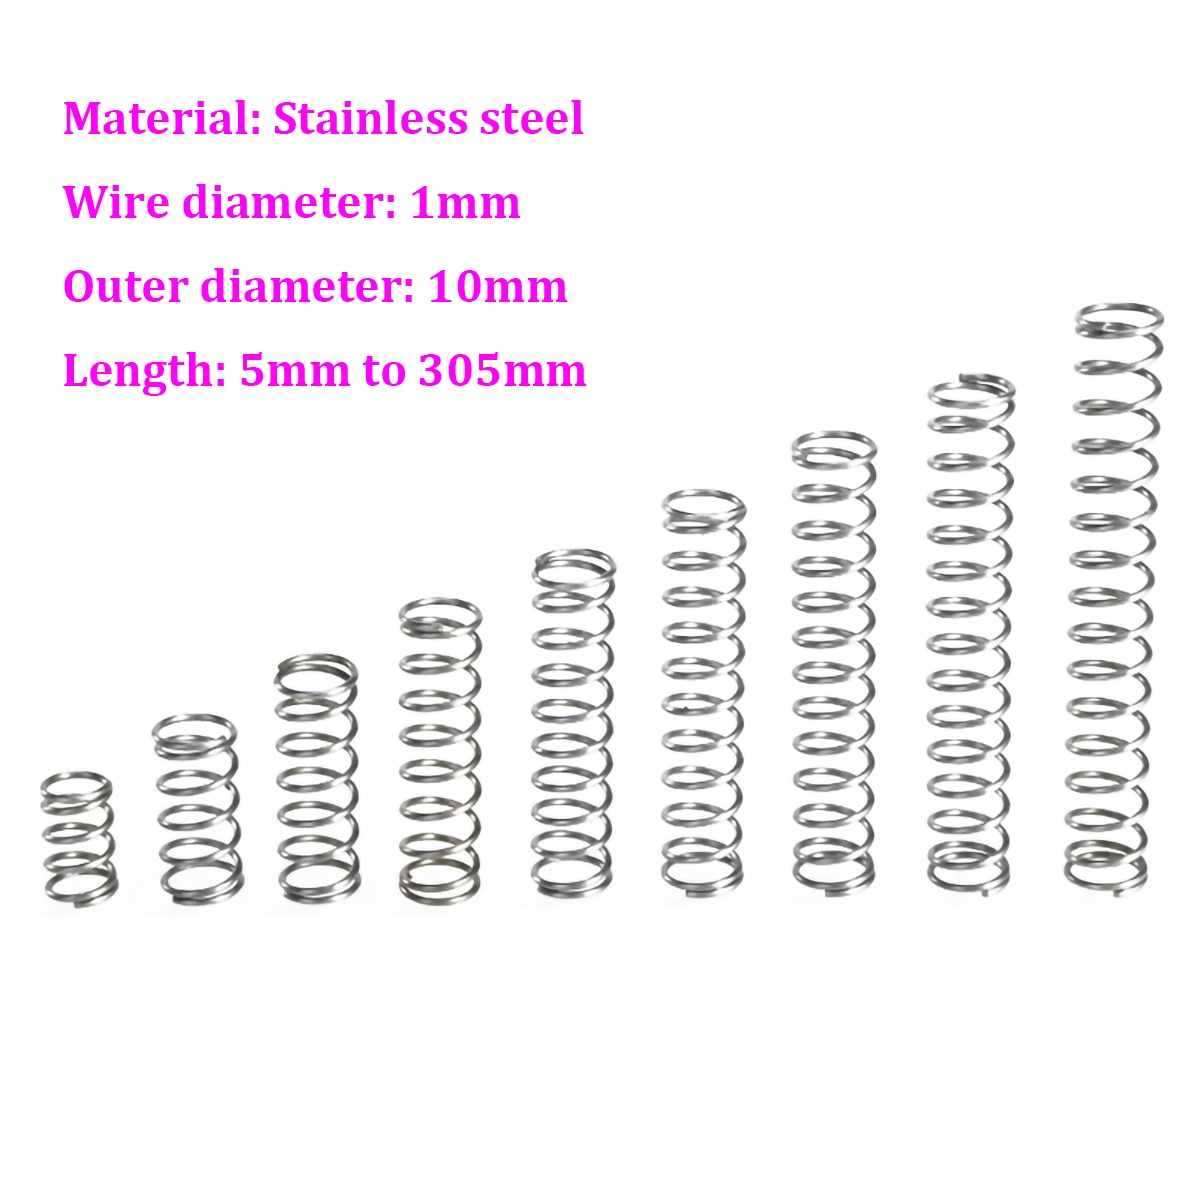 Comprimento 5mm - 305mm da mola de pressão do od 10mm da mola de compressão do aço inoxidável do diâmetro 1mm do fio